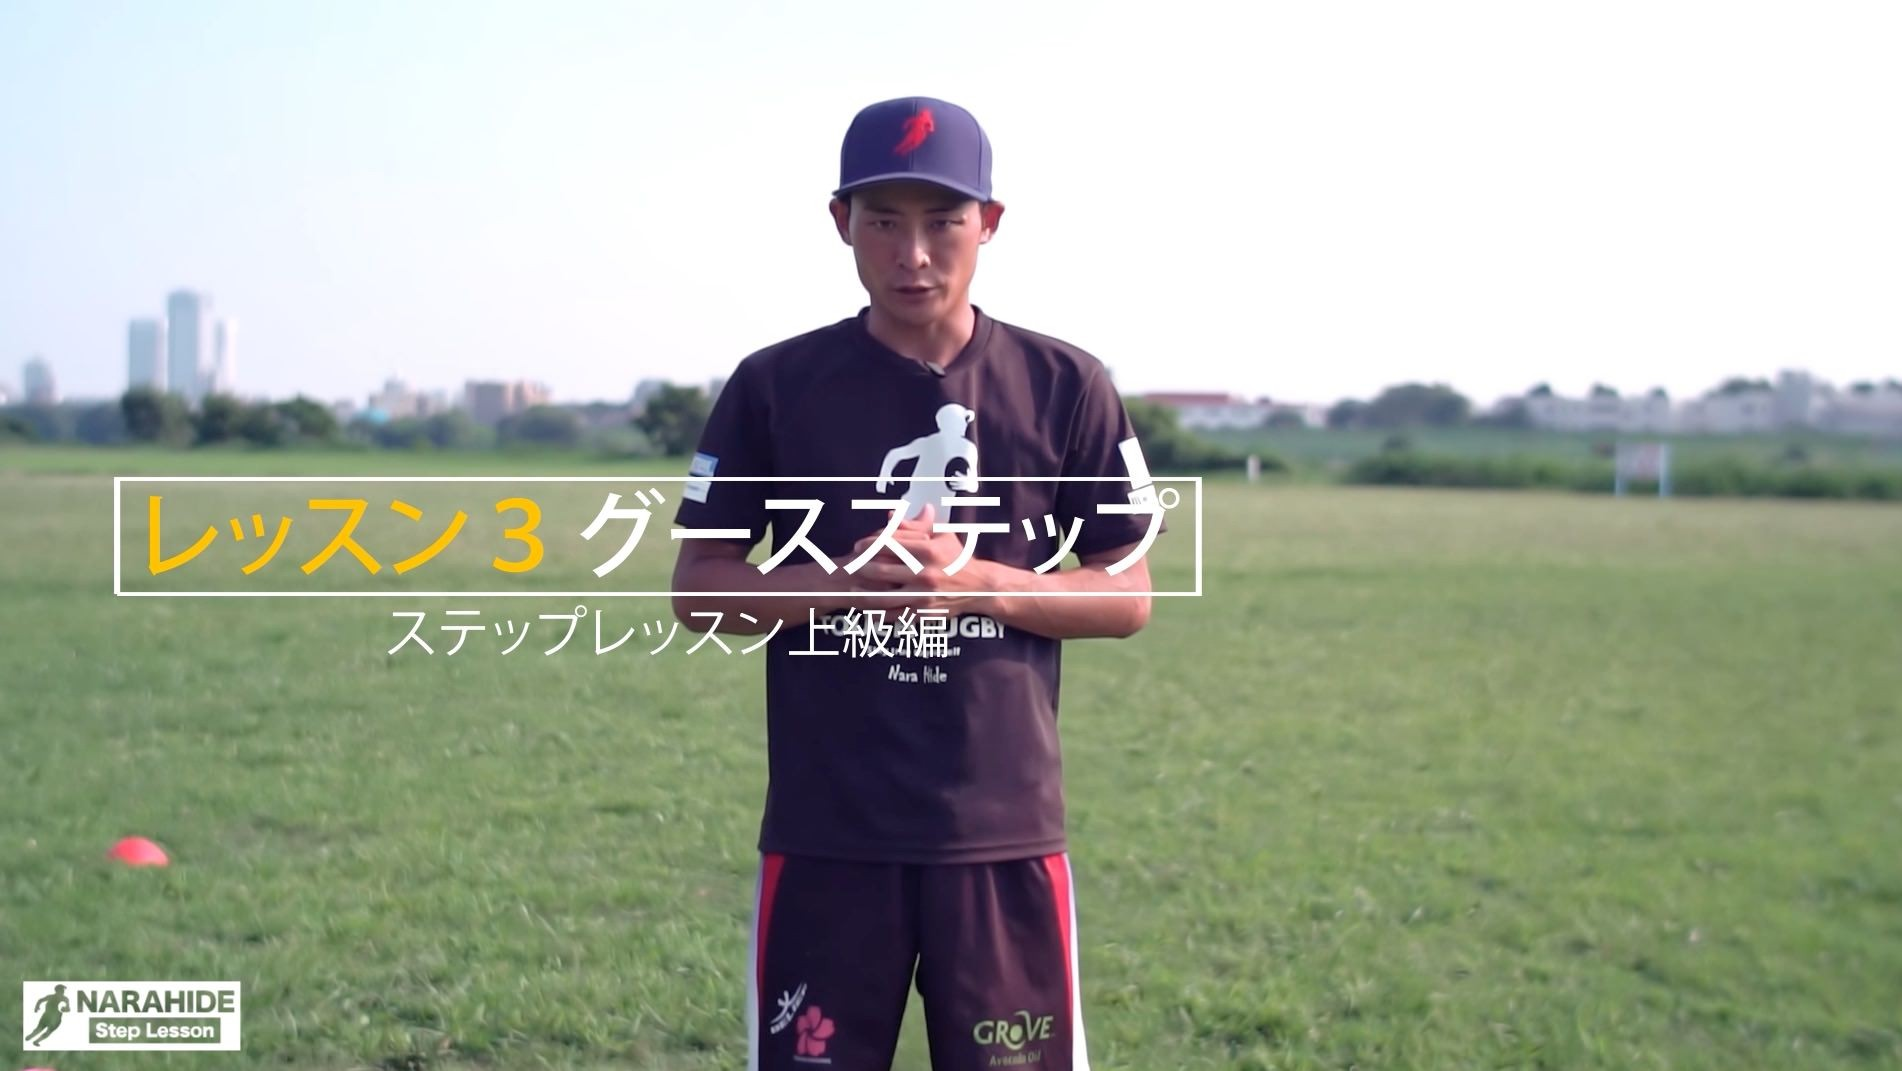 【ラグビー】上級編レッスン3「グースステップ」〜あこがれのオールブラックススター選手のステップが自分のものに!〜